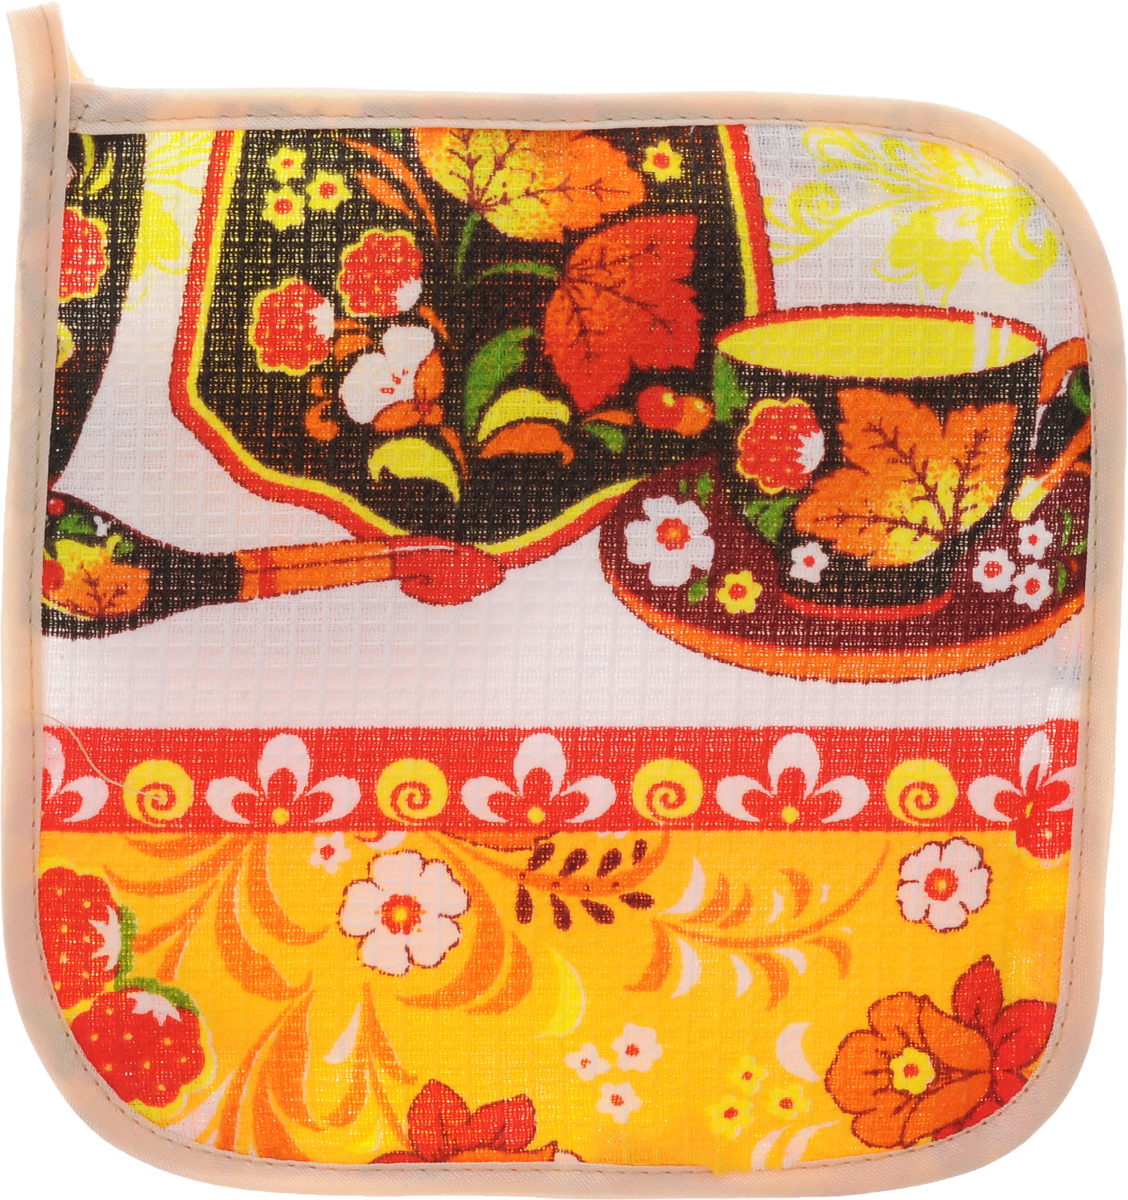 Прихватка Roko, 17 х 17 см. 1153581004900000360Прихватка Roko - незаменимый помощник на любой кухне. Изделие выполнено натурального 100% хлопка и оформлено красочным принтом. Прихватка мягкая, удобная и практичная. Она защитит ваши руки и предотвратит появление ожогов. Оригинальный дизайн позволит красиво дополнить интерьер кухни. С помощью текстильной петельки прихватку можно подвесить на крючок.Уважаемые клиенты! Товар поставляется в цветовом ассортименте. Поставка осуществляется в зависимости от наличия на складе.